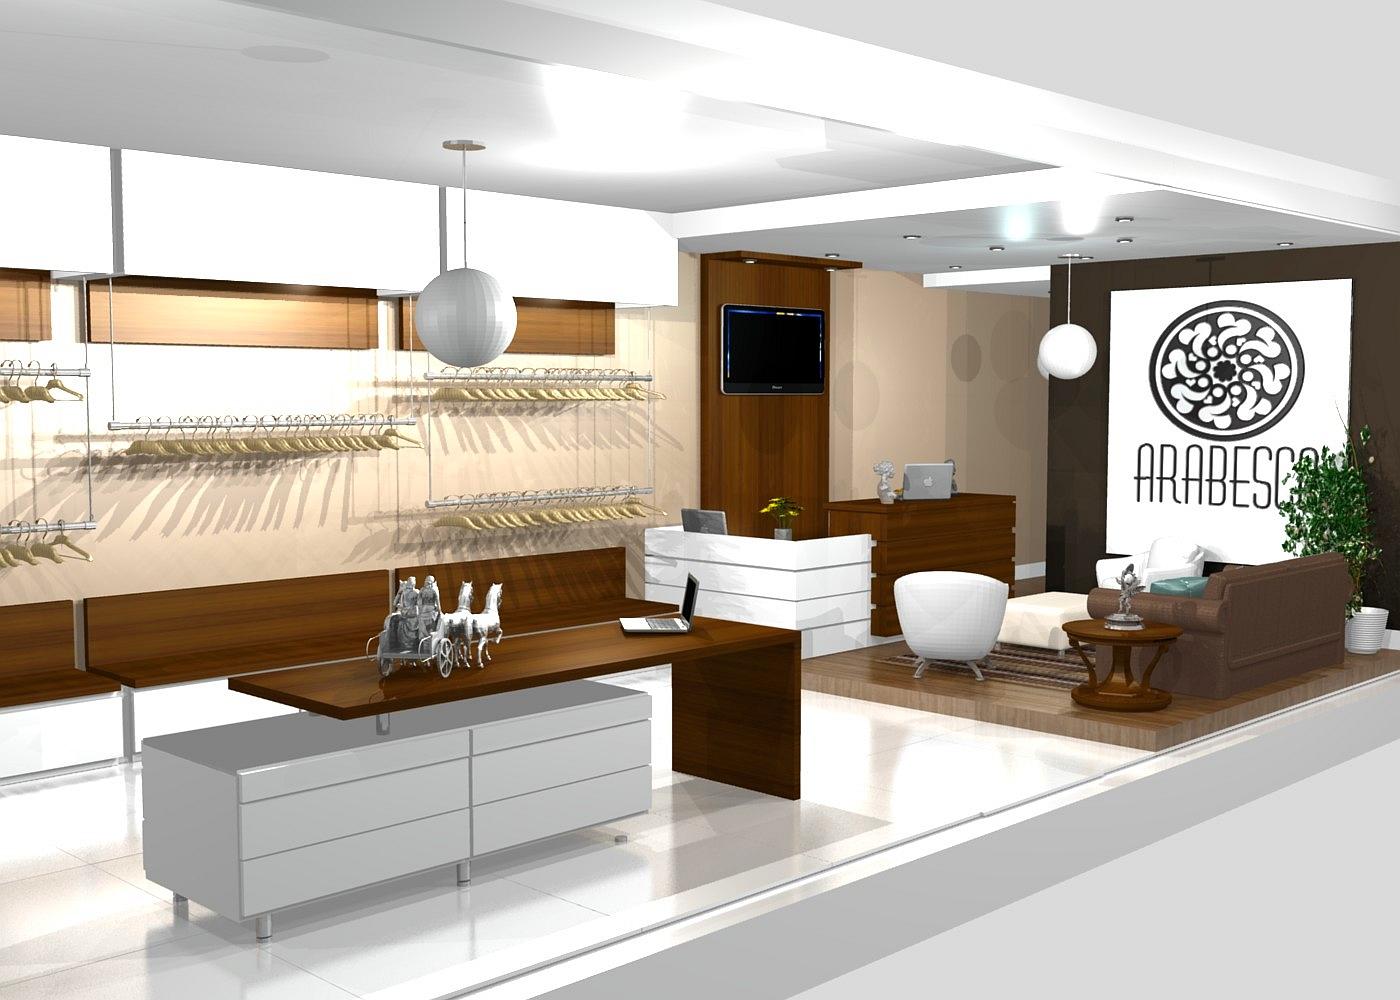 projeto de cozinha planejada em mdf #603D1A 1400 1000